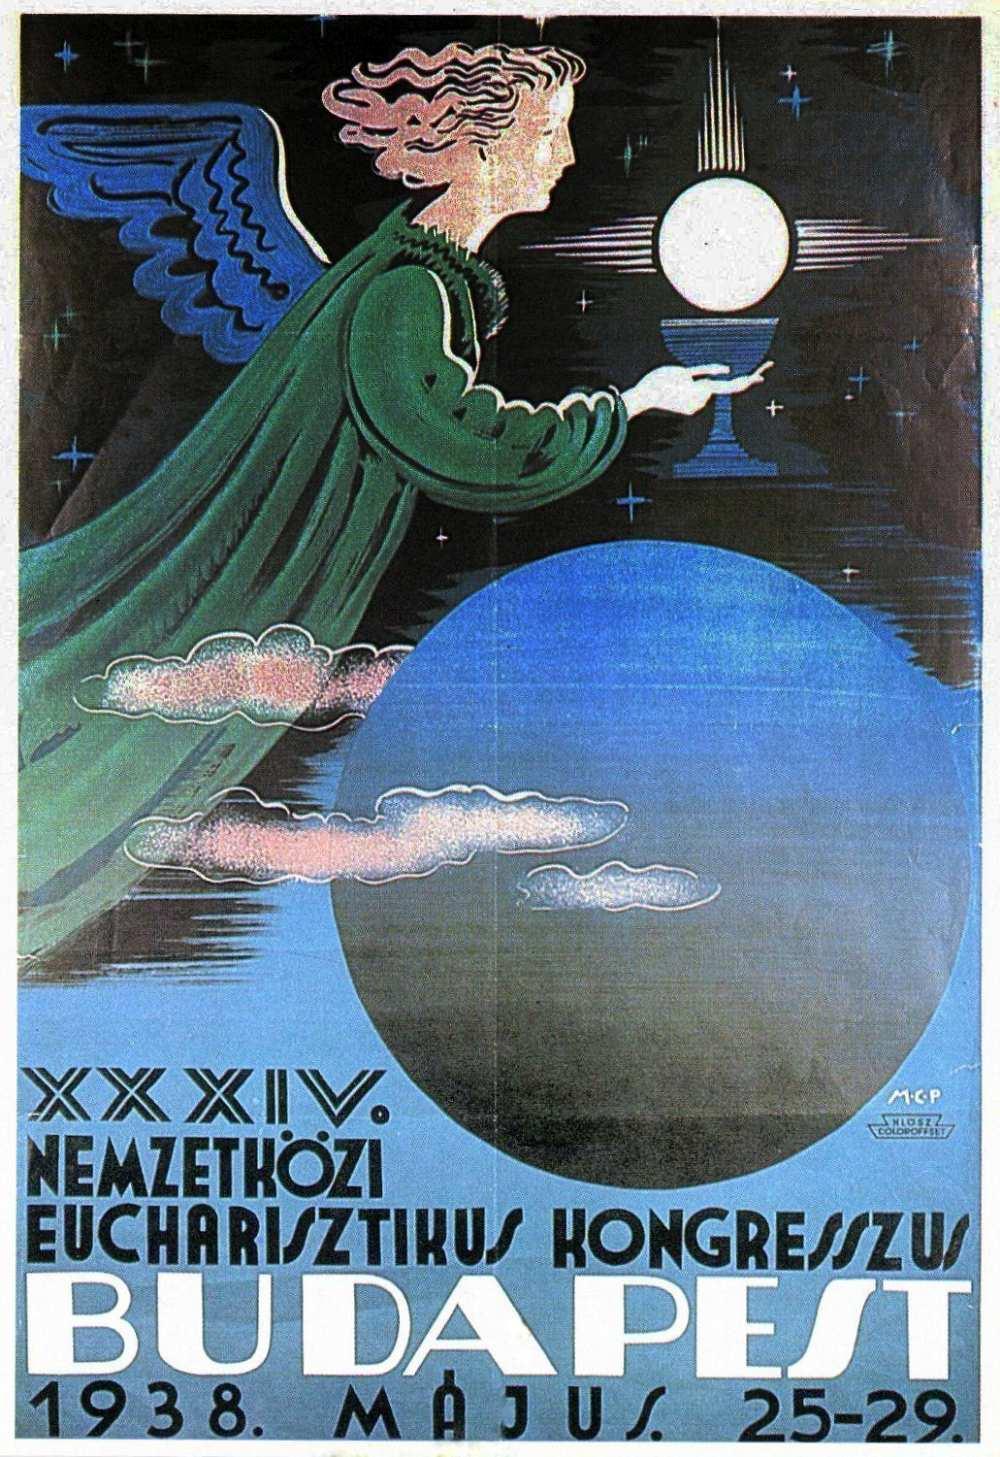 Molnár-C. Pál: XXXIV. Nemzetközi Eucharisztikus Kongresszus (1938). Jelzet: PKG 1938/356 – Térkép-, Plakát- és Kisnyomtatványtár http://nektar.oszk.hu/hu/manifestation/2863748